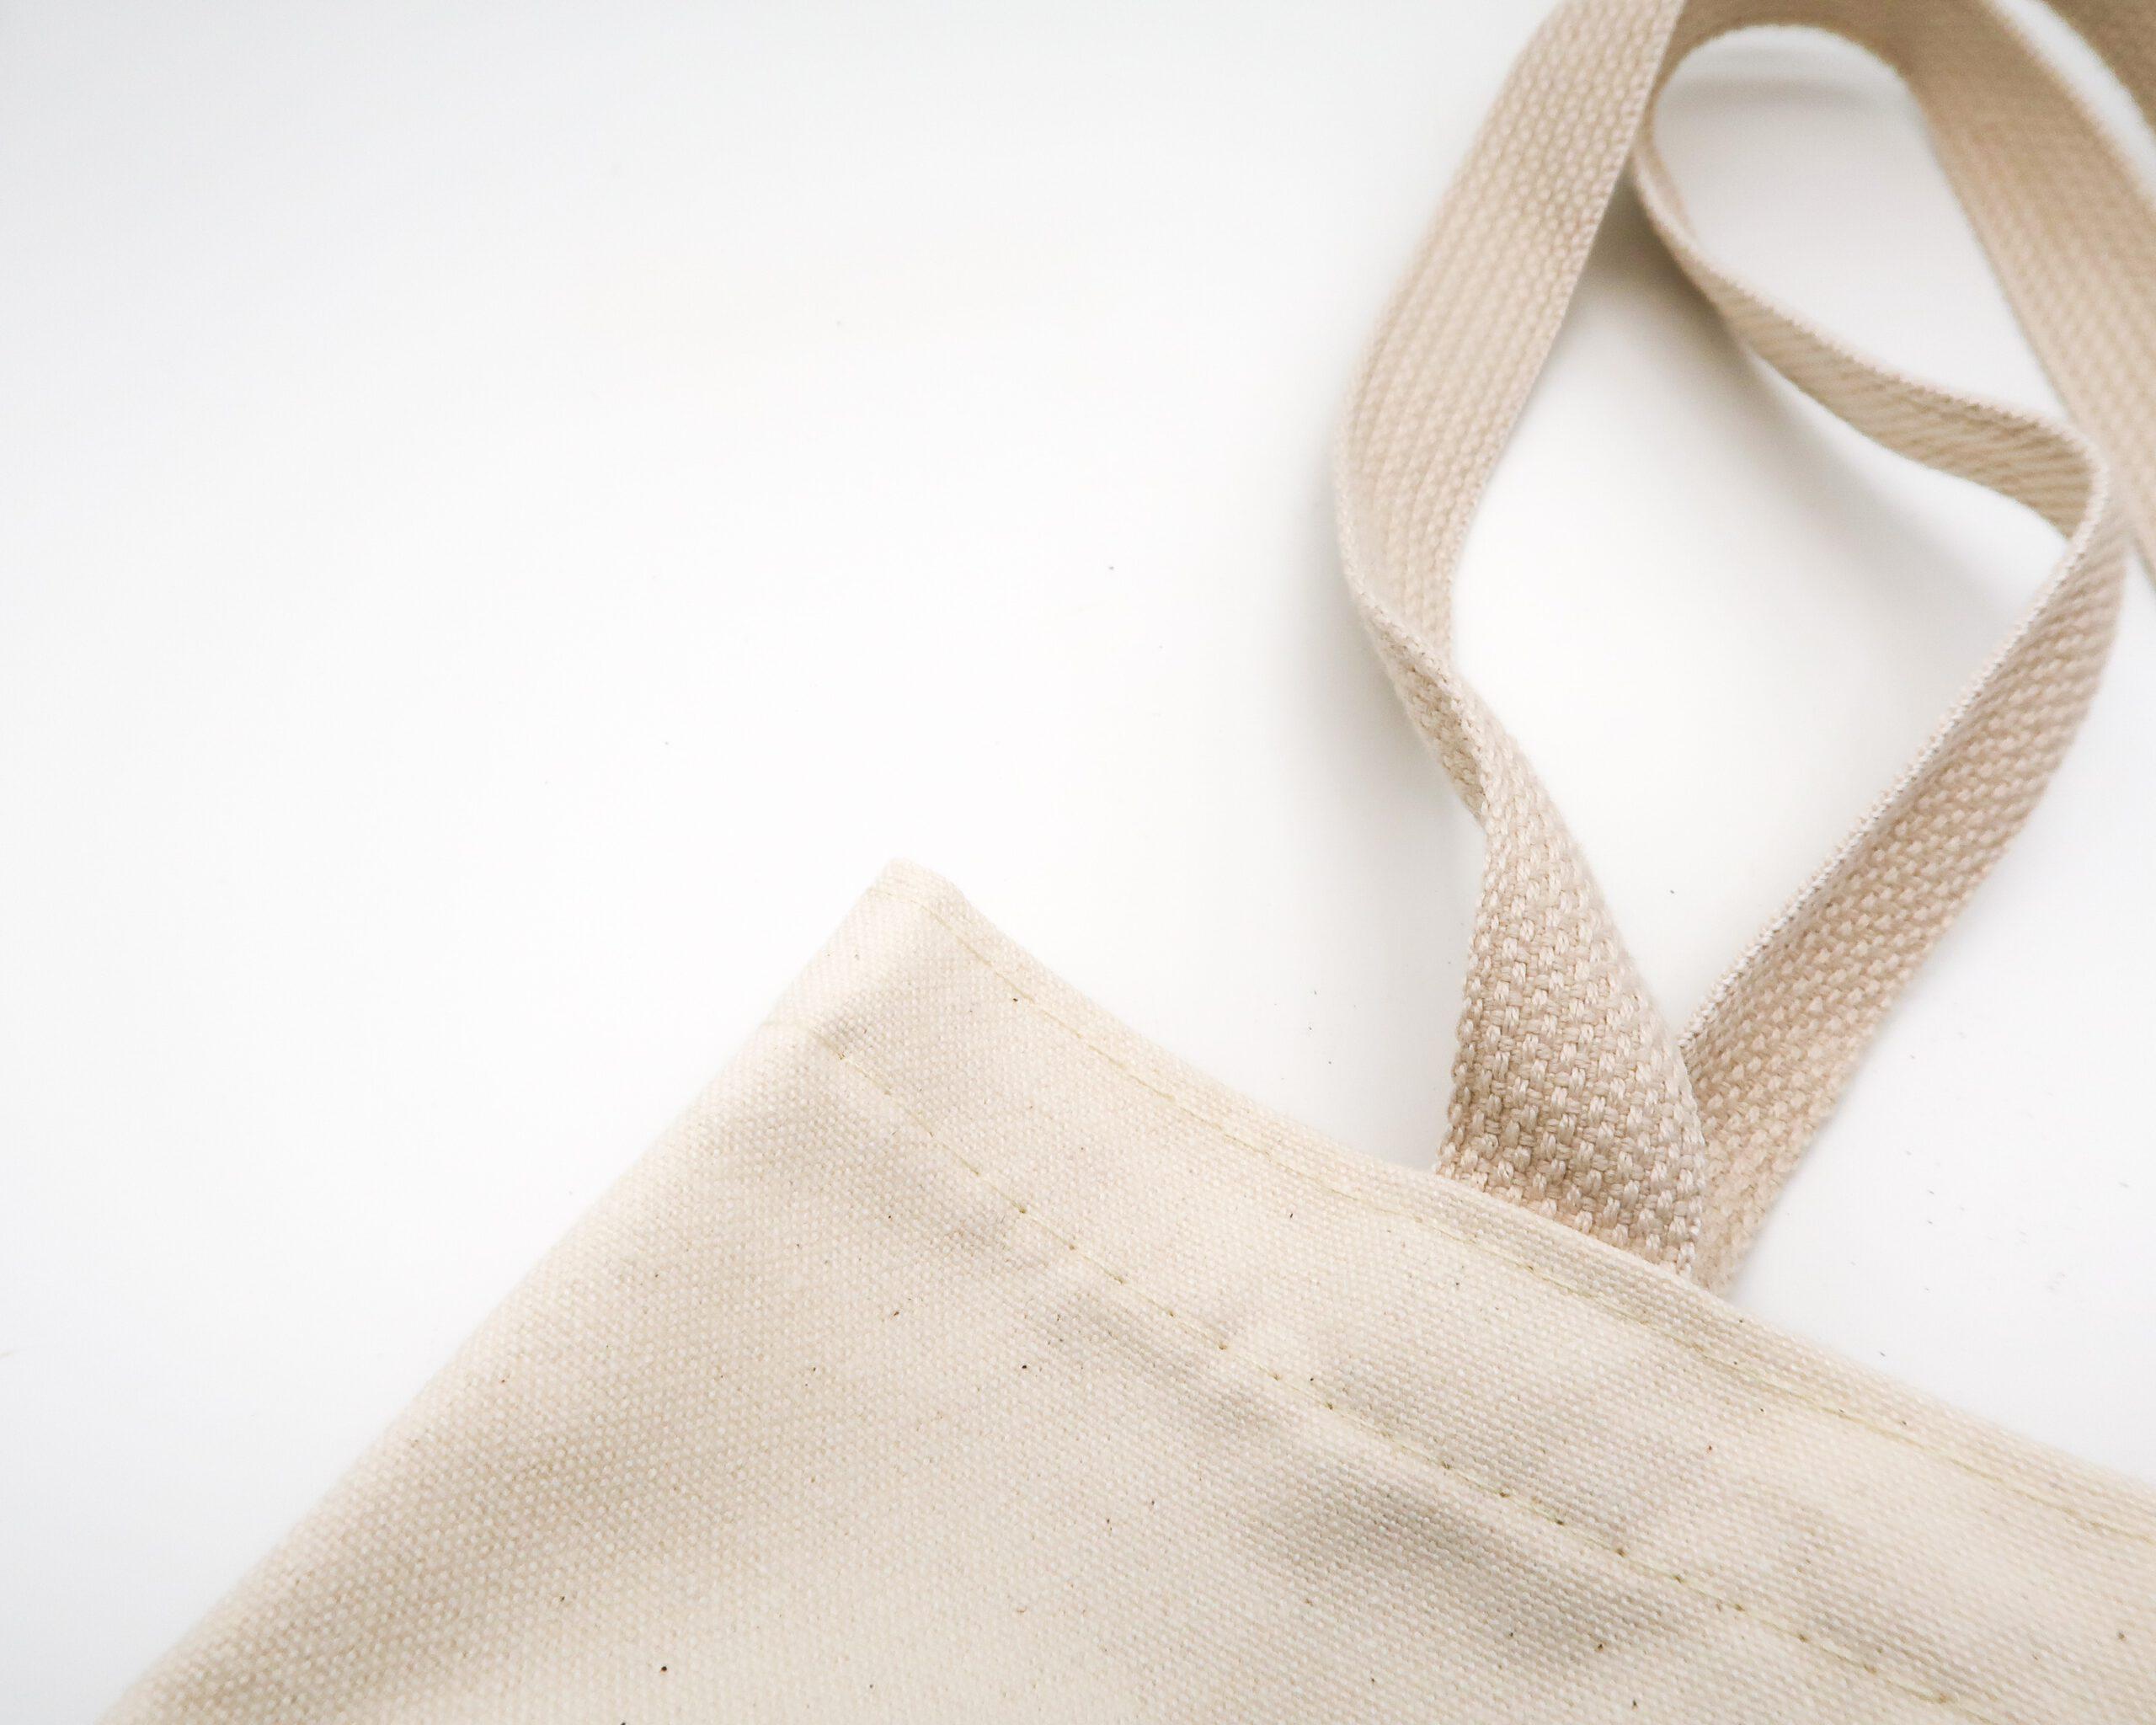 Bawełniana torba jako firmowy gadzet.